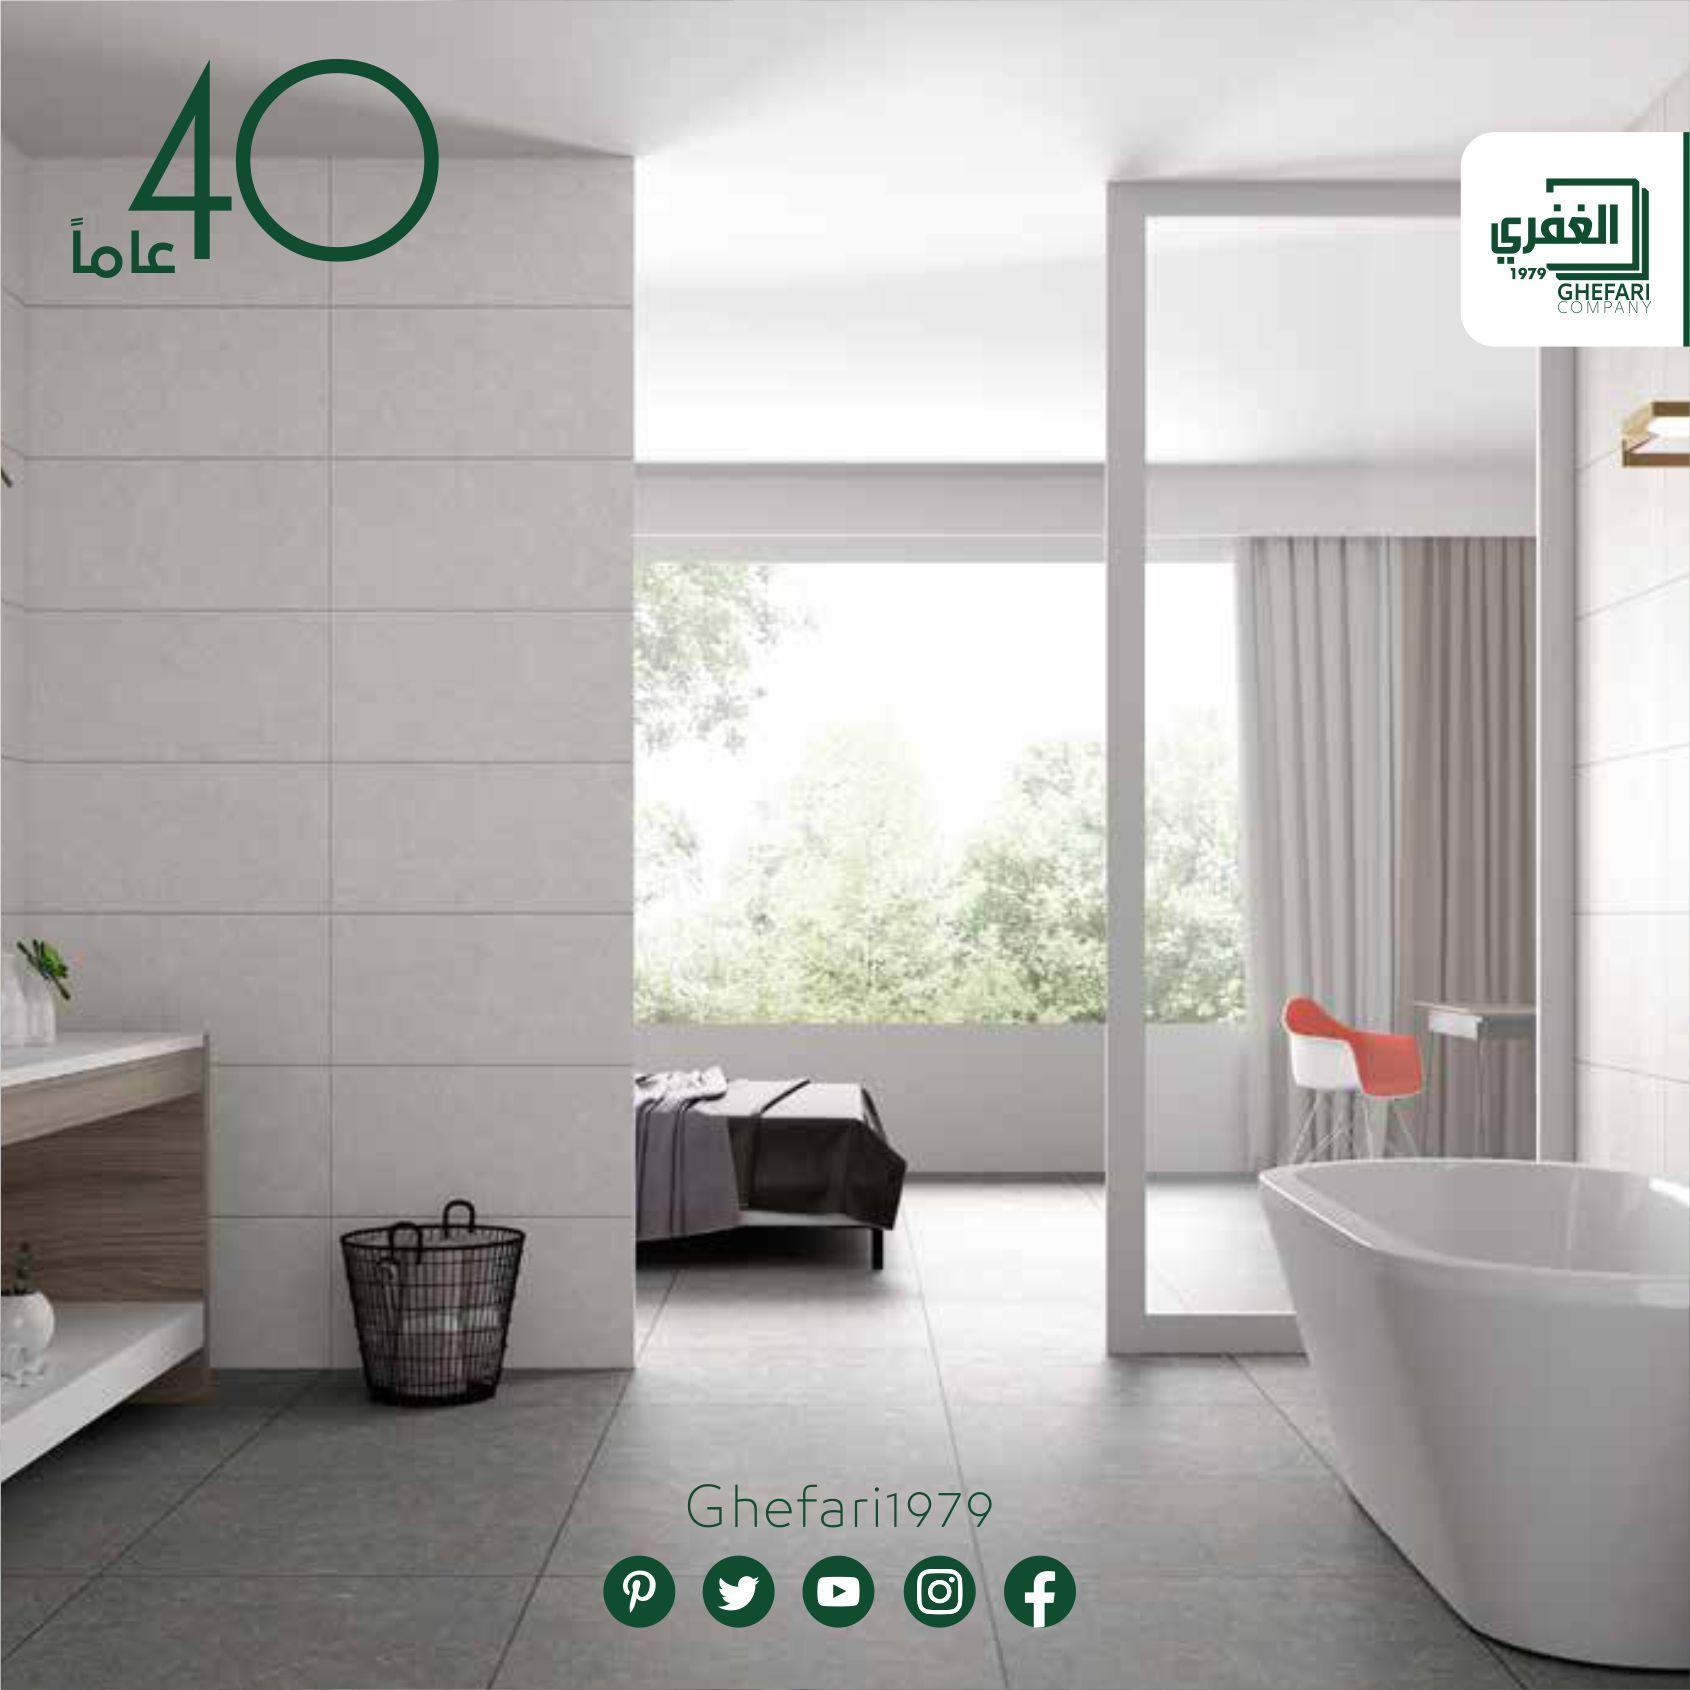 بورسلان أرضي حوائط حمامات مطبخ مقاس 29x59 اسباني الصنع موديلات 2020 2019 للمزيد زورونا على موقع الشركة Www Ghe Room Divider Home Decor Furniture